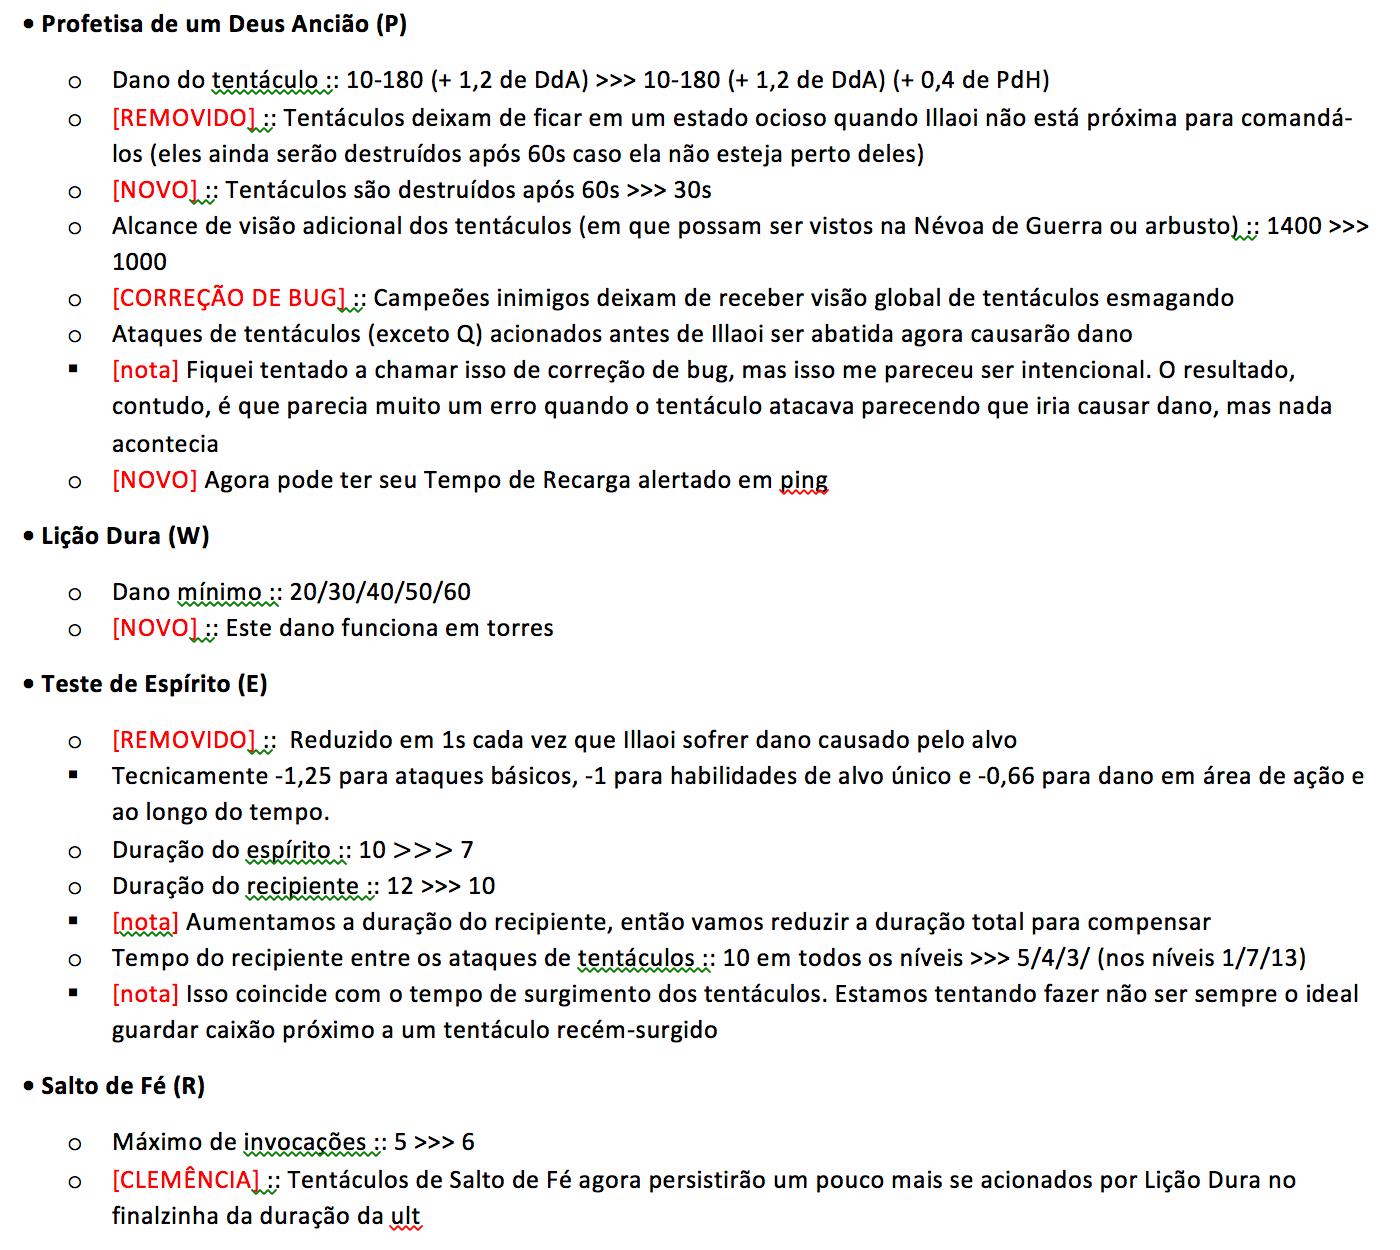 07_Illaoi_Final_Change_List_Brazil_avzyn76n5pob2l0c8vk3.png